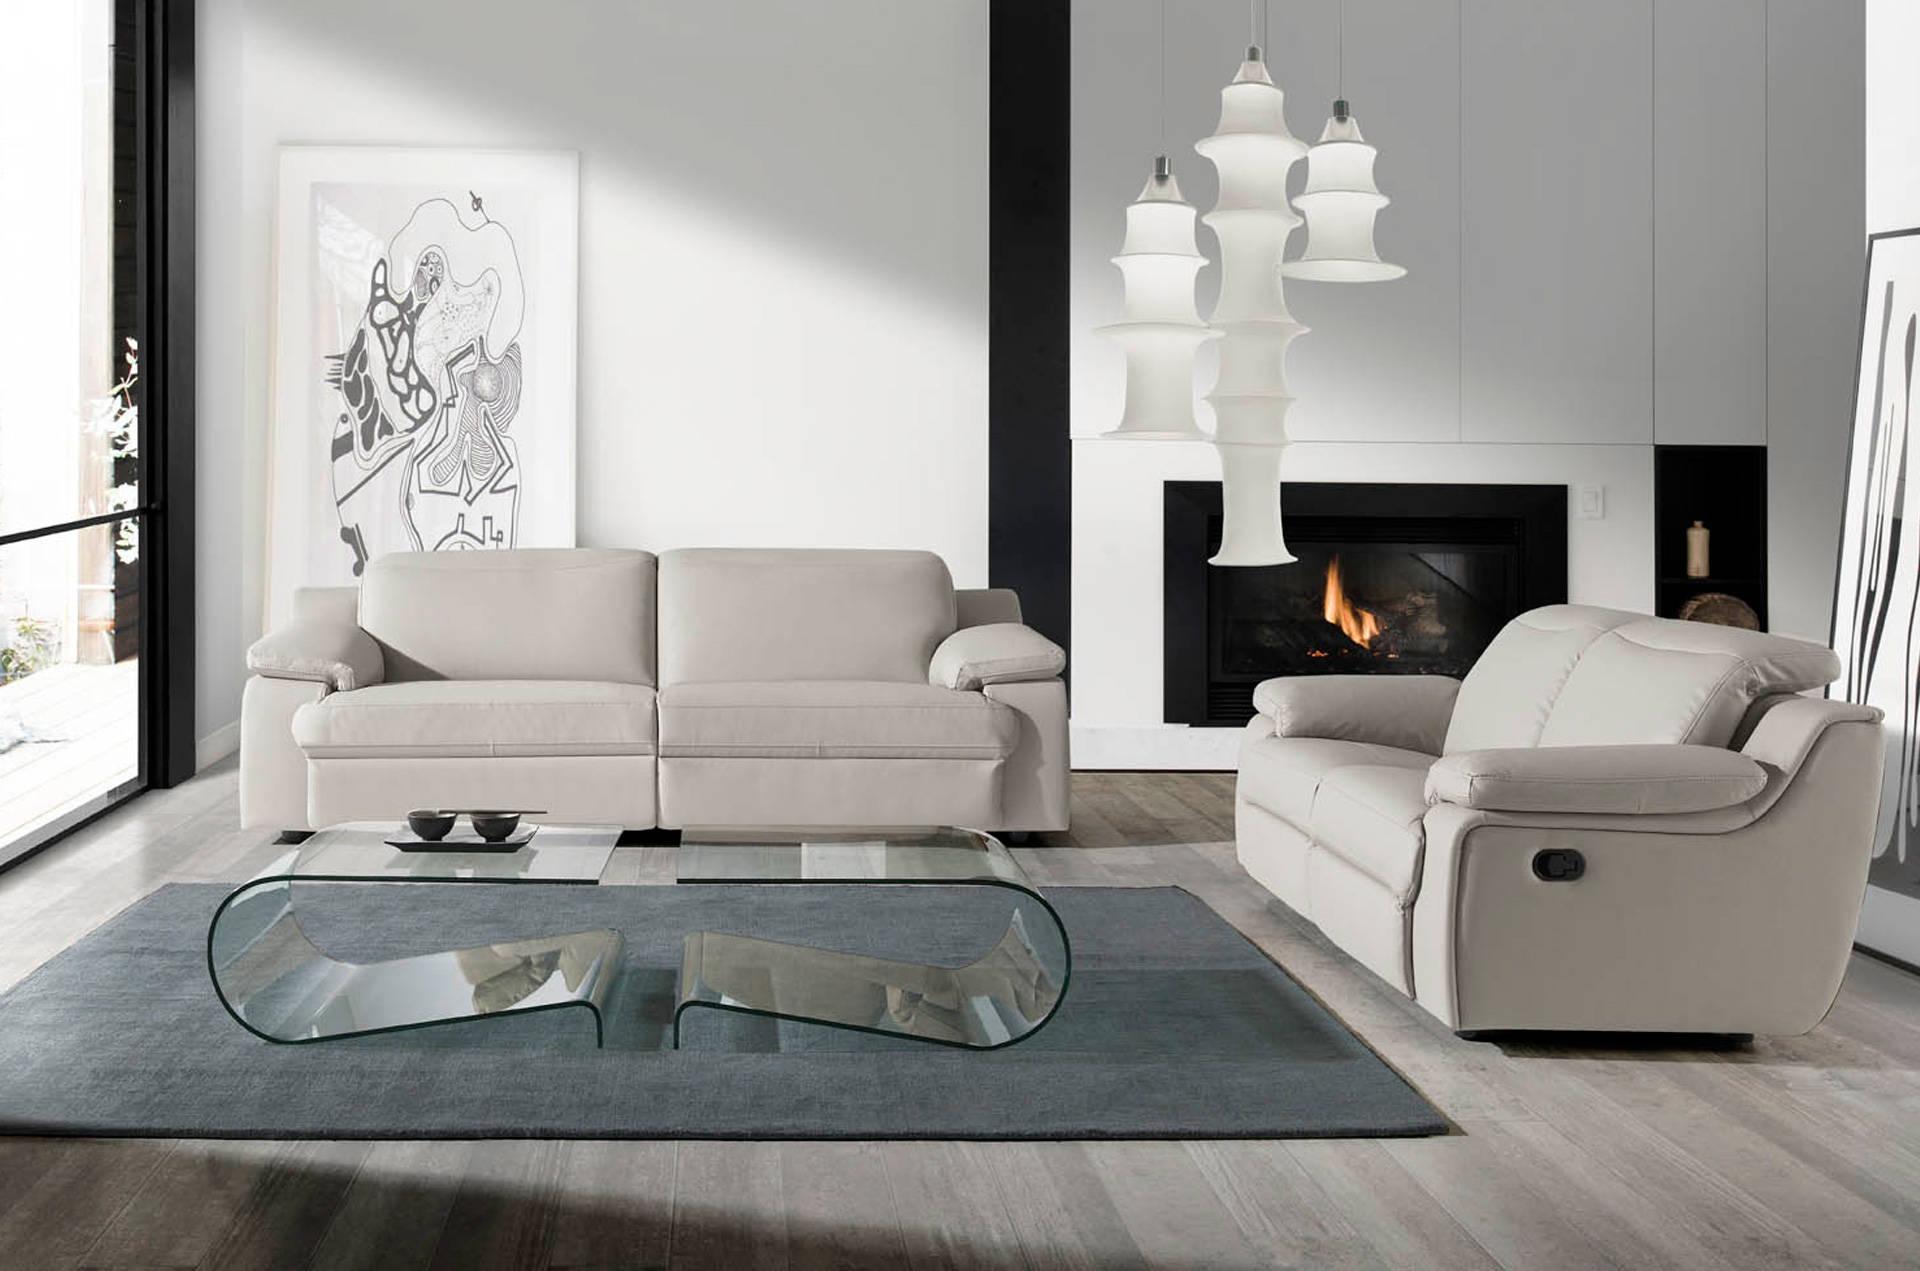 Angel cerd mueble de dise o italiano for Ultimas tendencias en muebles